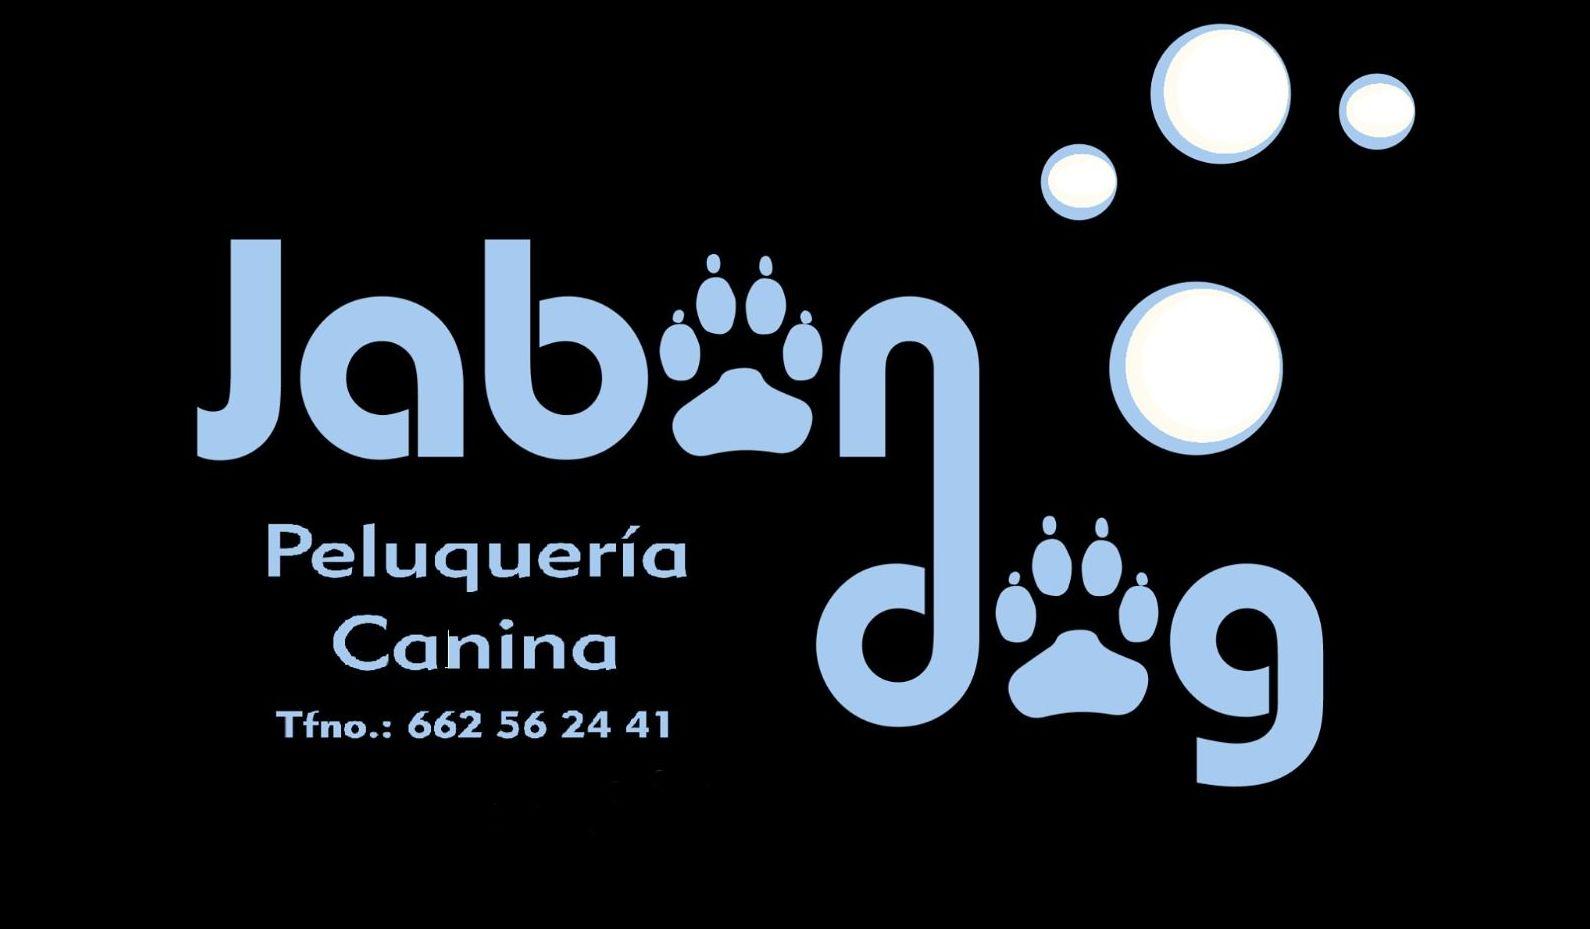 Foto 7 de Venta de accesorios para mascotas en  | Jabondog